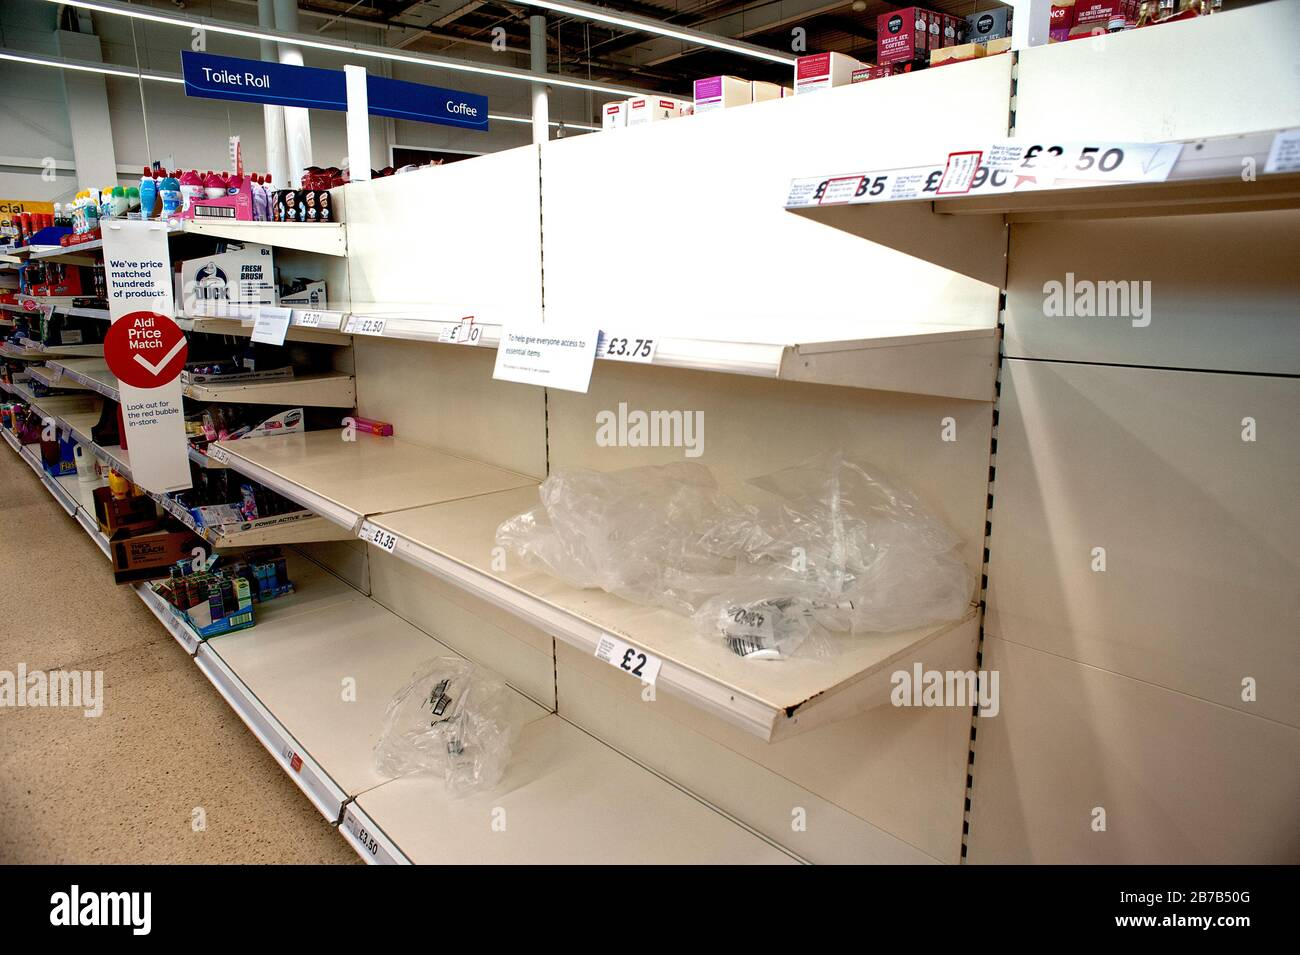 Supermercado Tesco, Hove, Reino Unido, 2020. La compra de pánico debido a los temores de coronavirus ha vaciado estantes de artículos básicos y esenciales como rollos de tocador. Foto de stock